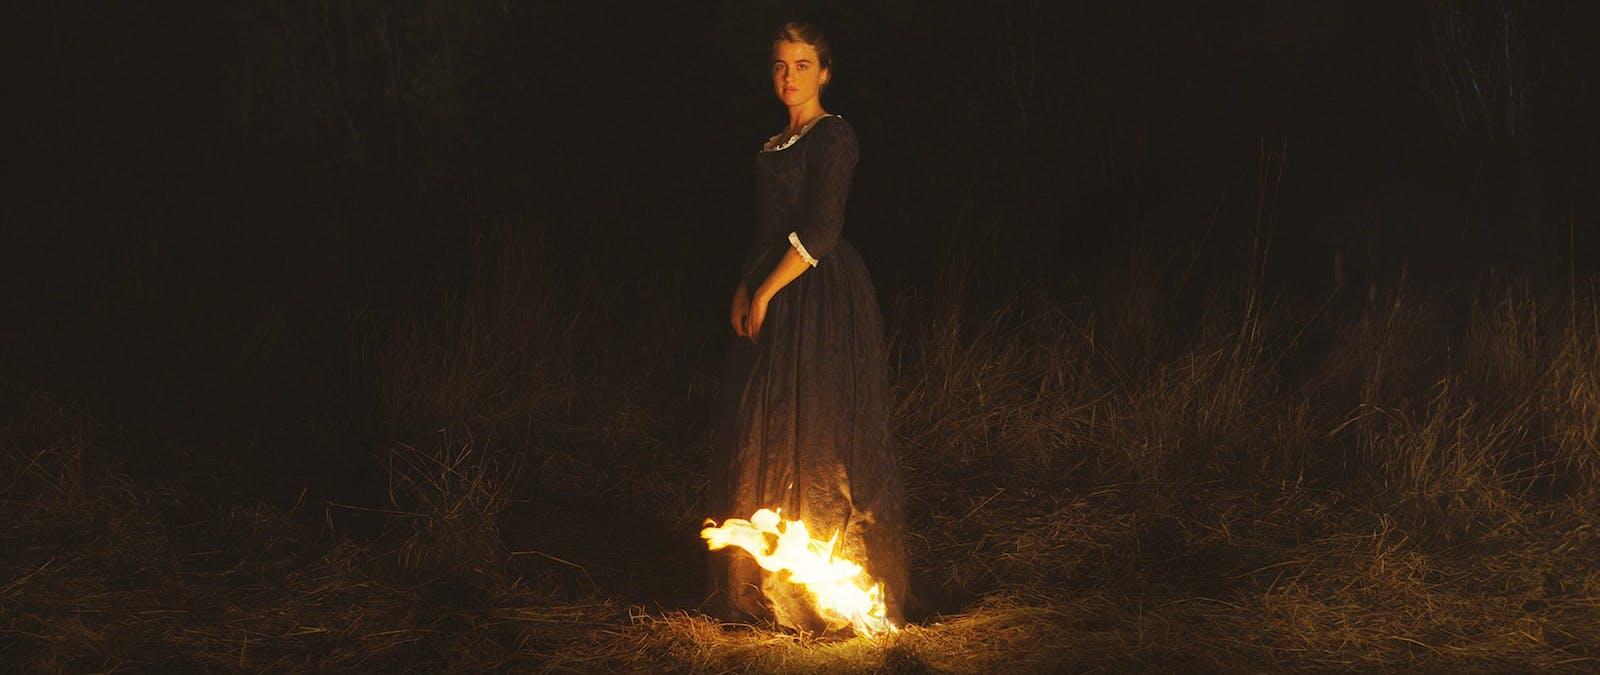 Porträtt av en kvinna i brand (2019)